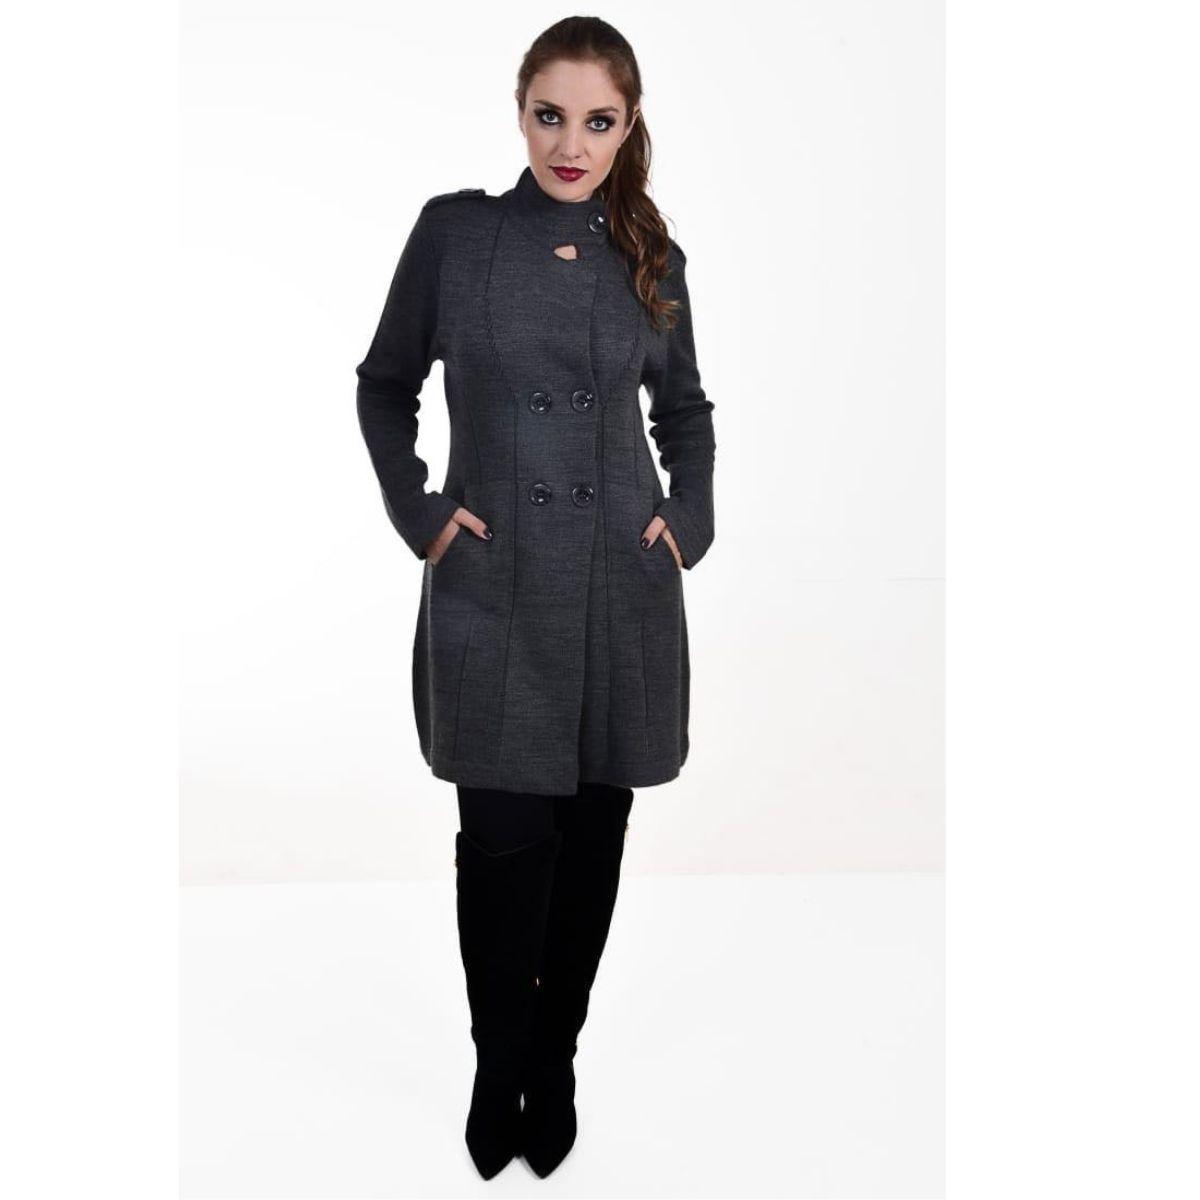 casaco de frio Sobre Tudo Tricot Manga Longa Moda Feminina K163